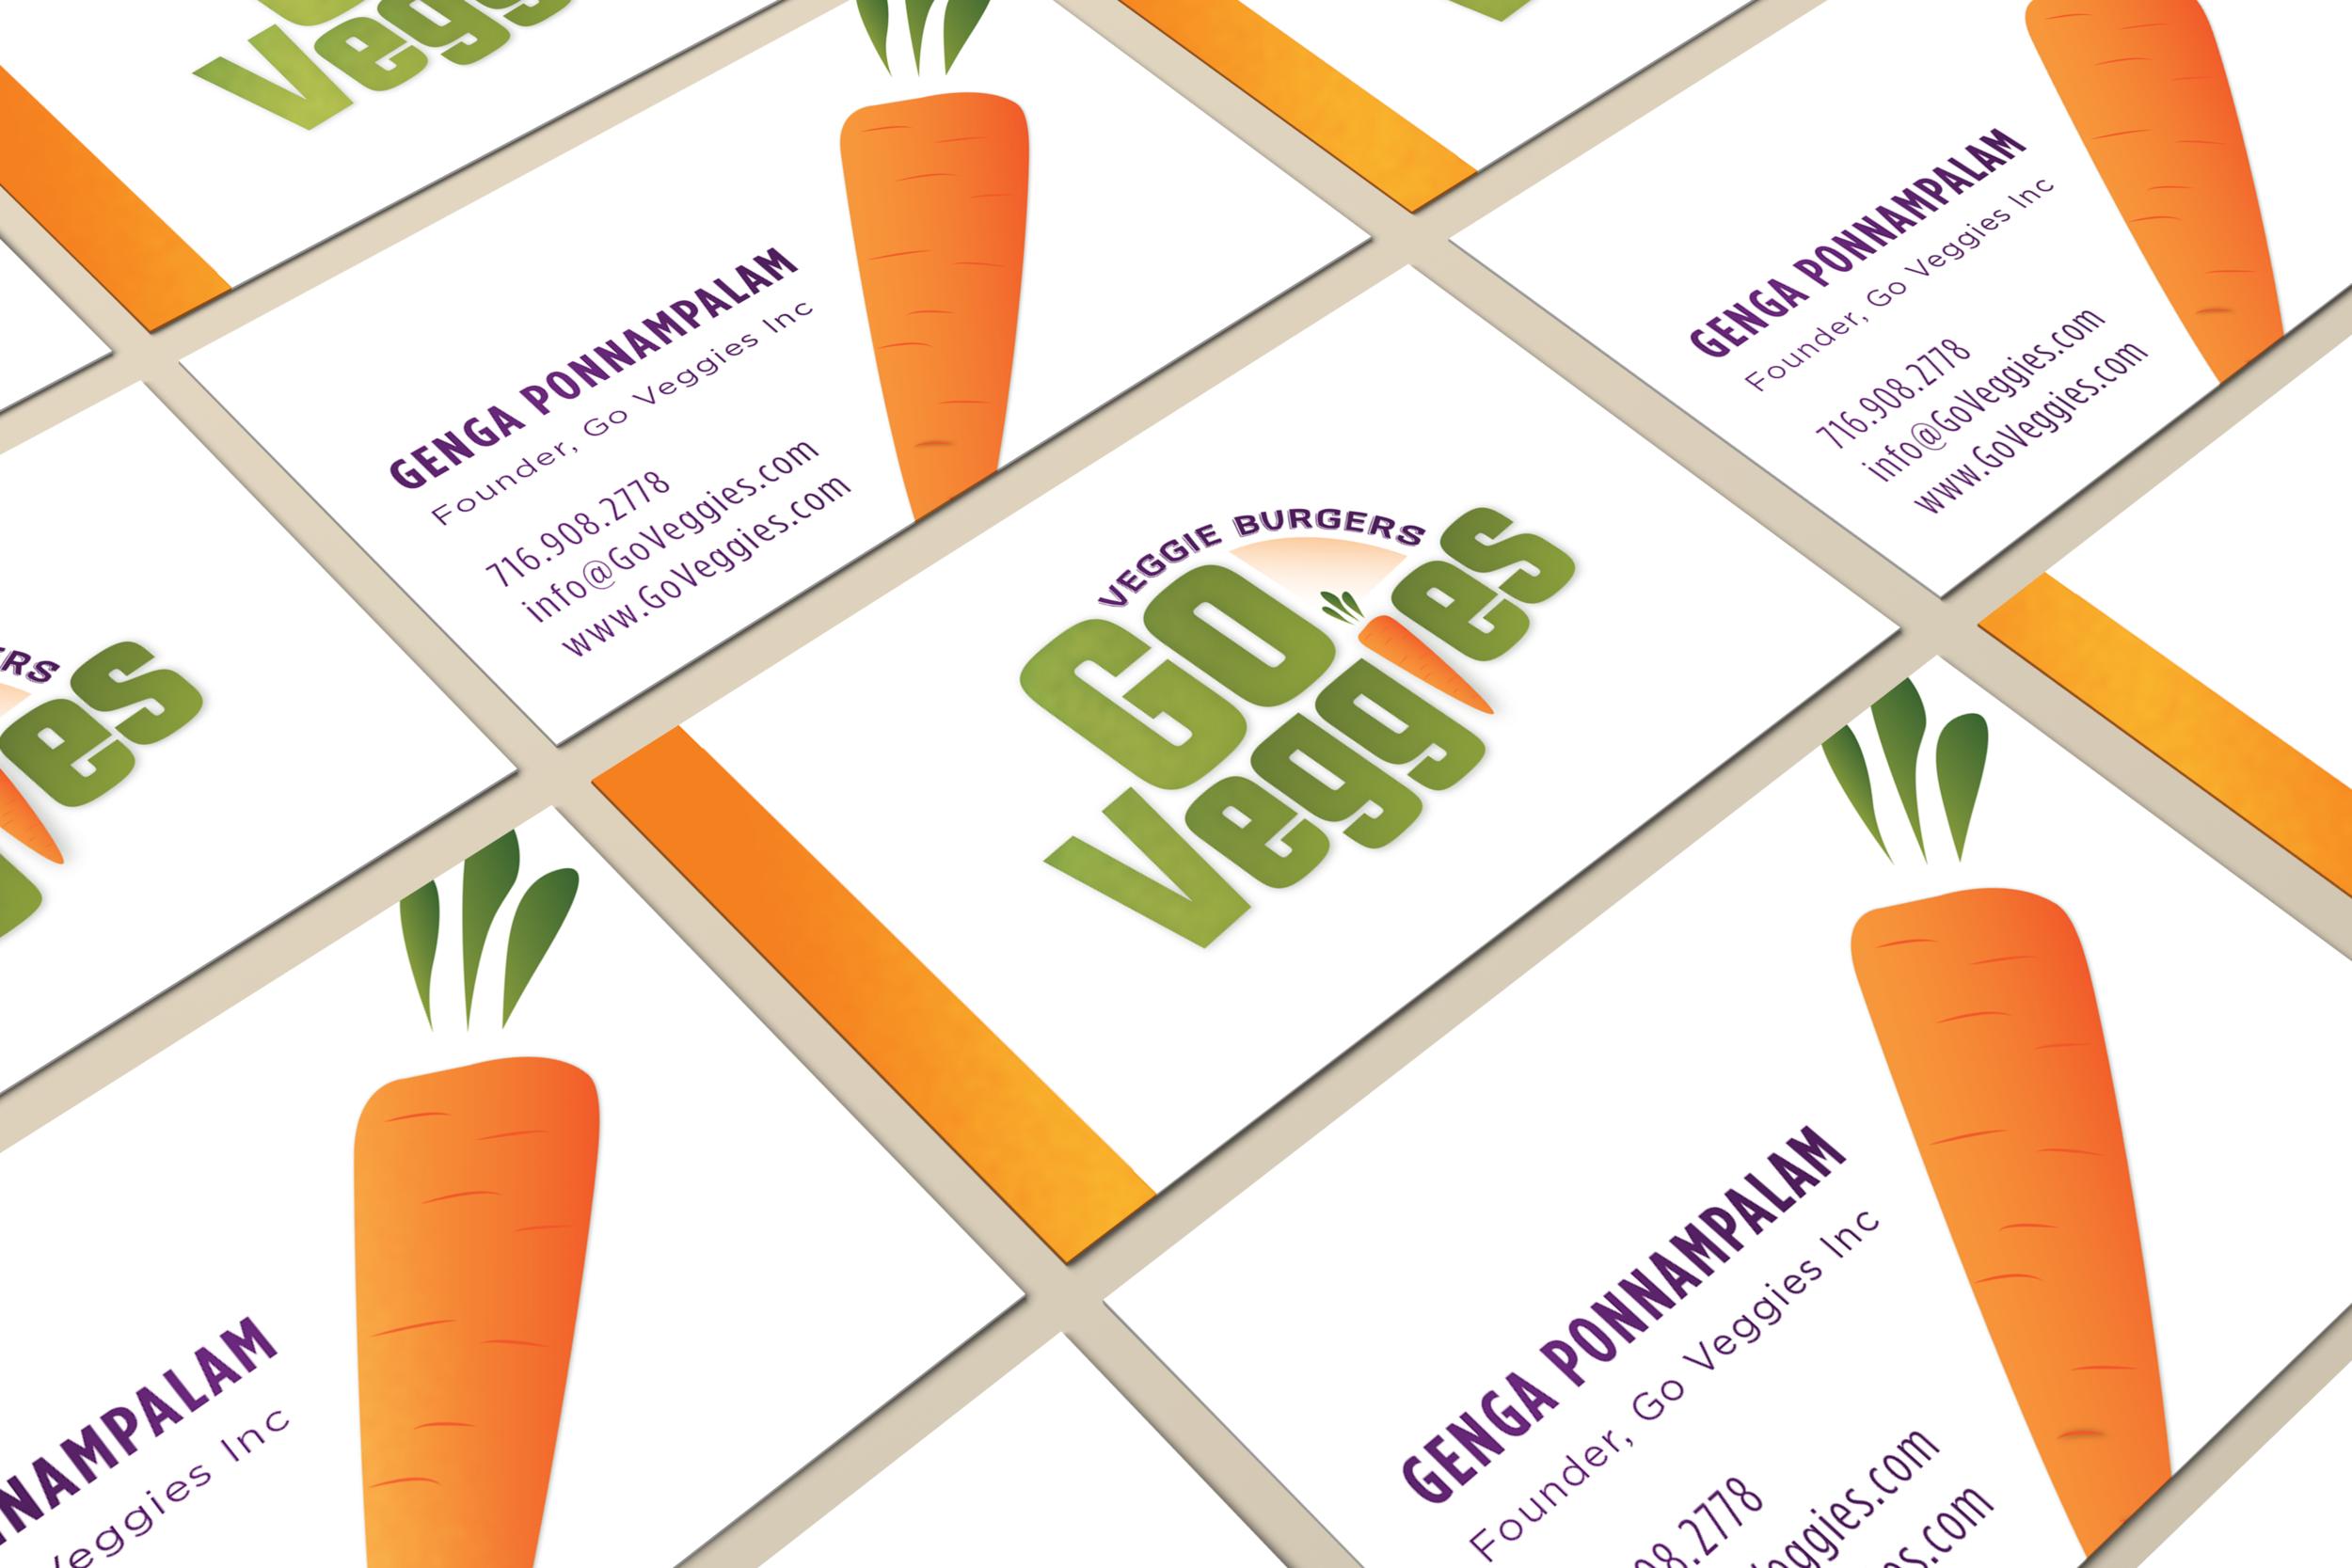 Go-Veggies+business+cards+tile+mock+up.png